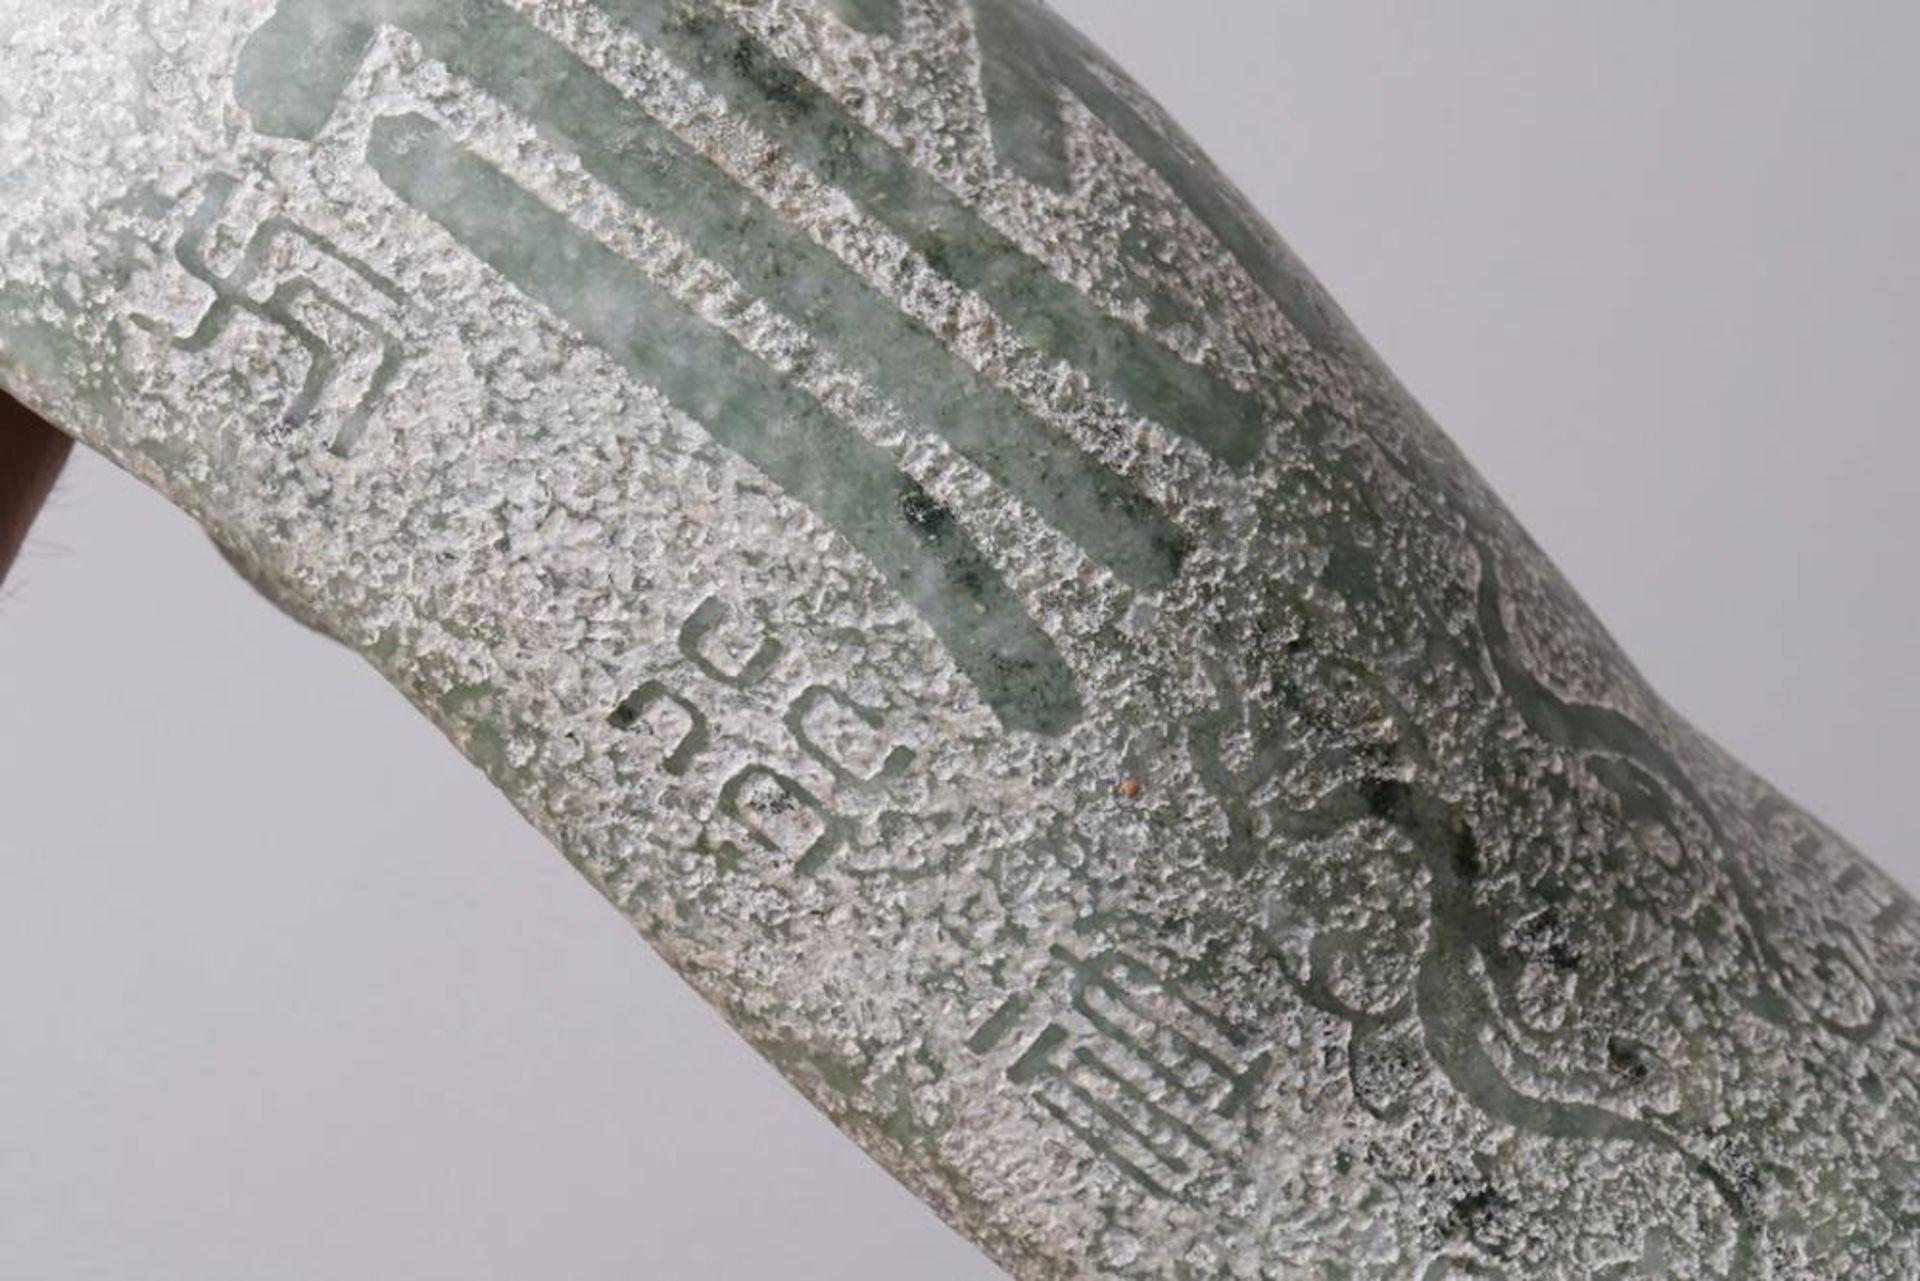 Übergroßer Gürtelhaken China, wohl 20. Jh., Jade, geschwungene Form mit plastischem Drachenkopf, - Bild 5 aus 5